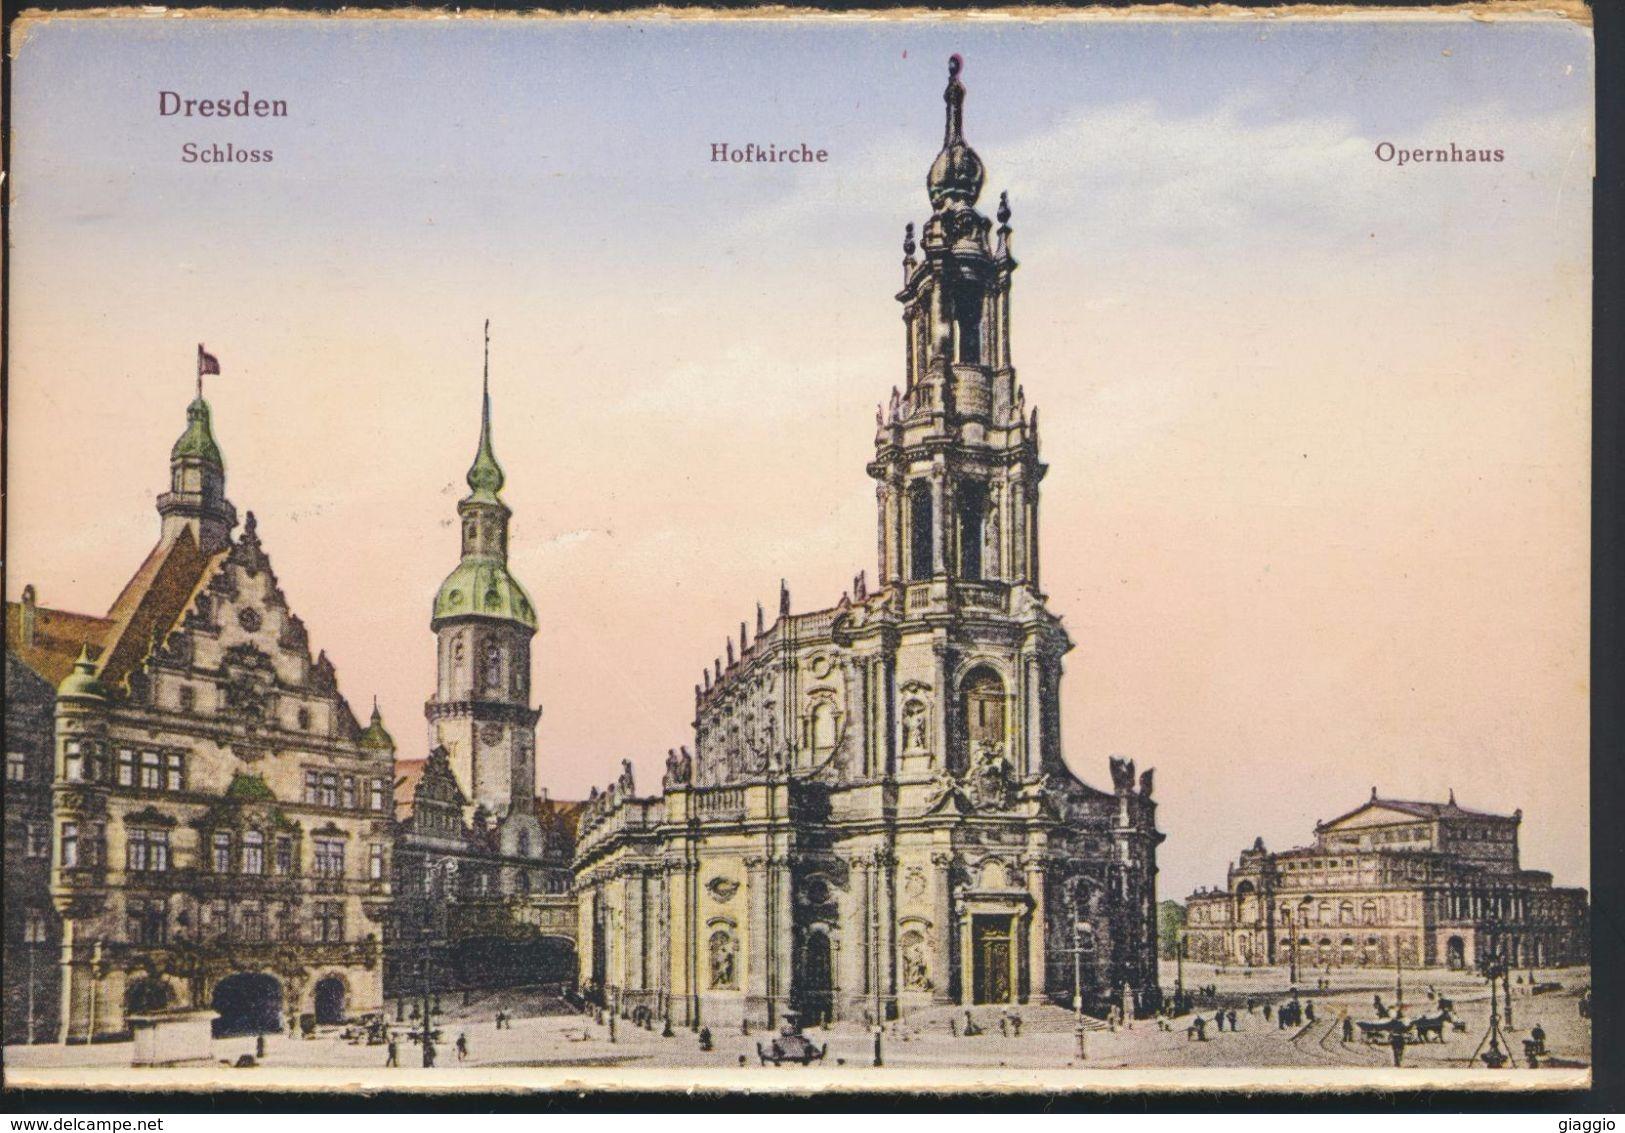 °°° 5059 - GERMANY - DRESDEN - SCHLOSS HOFKIRCHE OPERNHAUS °°° - Dresden